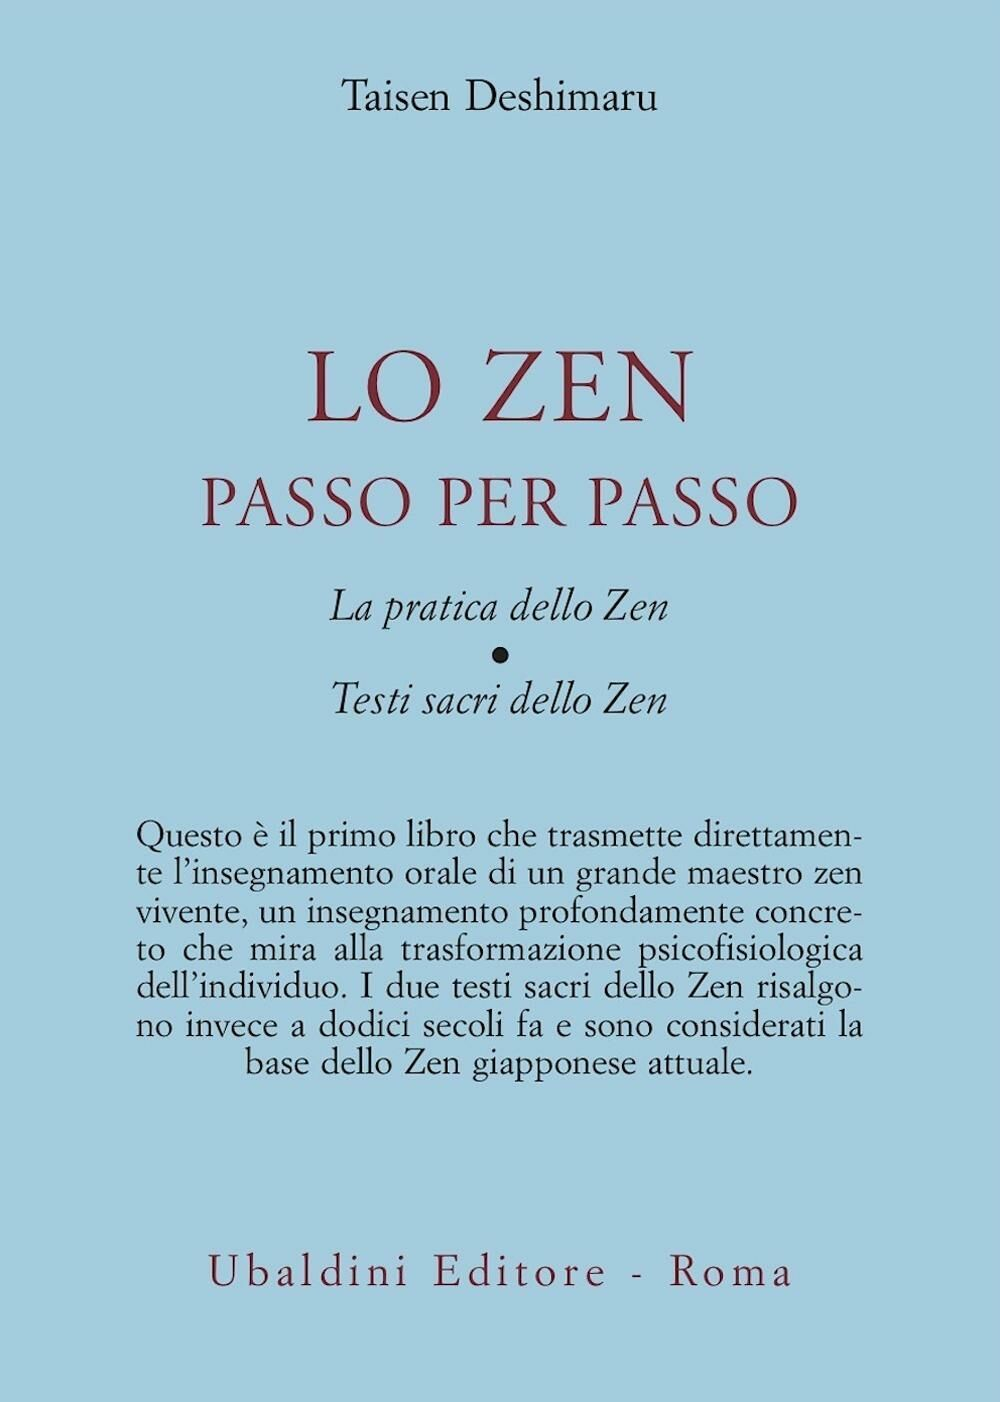 Lo zen passo per passo. La pratica dello zen. Testi sacri dello zen